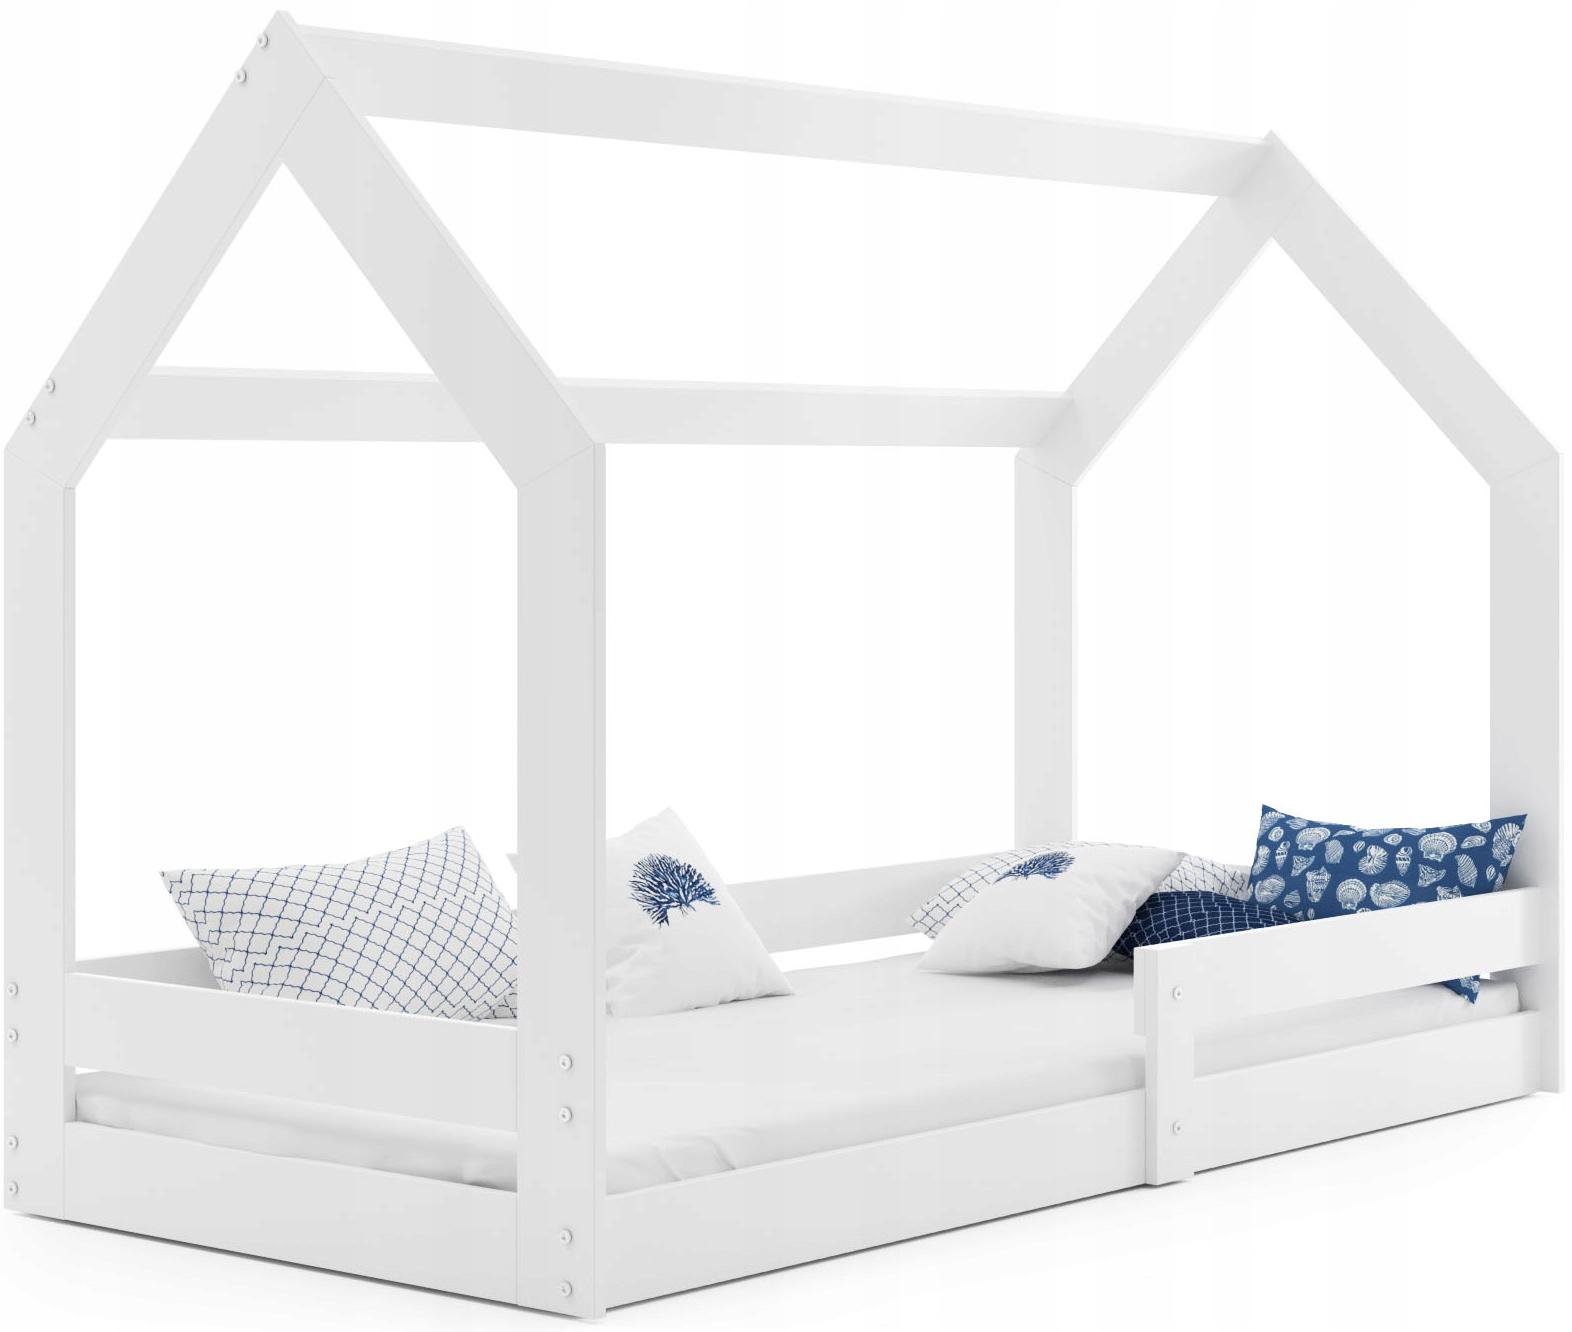 Детская кровать House1 каркасный матрас от INTERBEDS